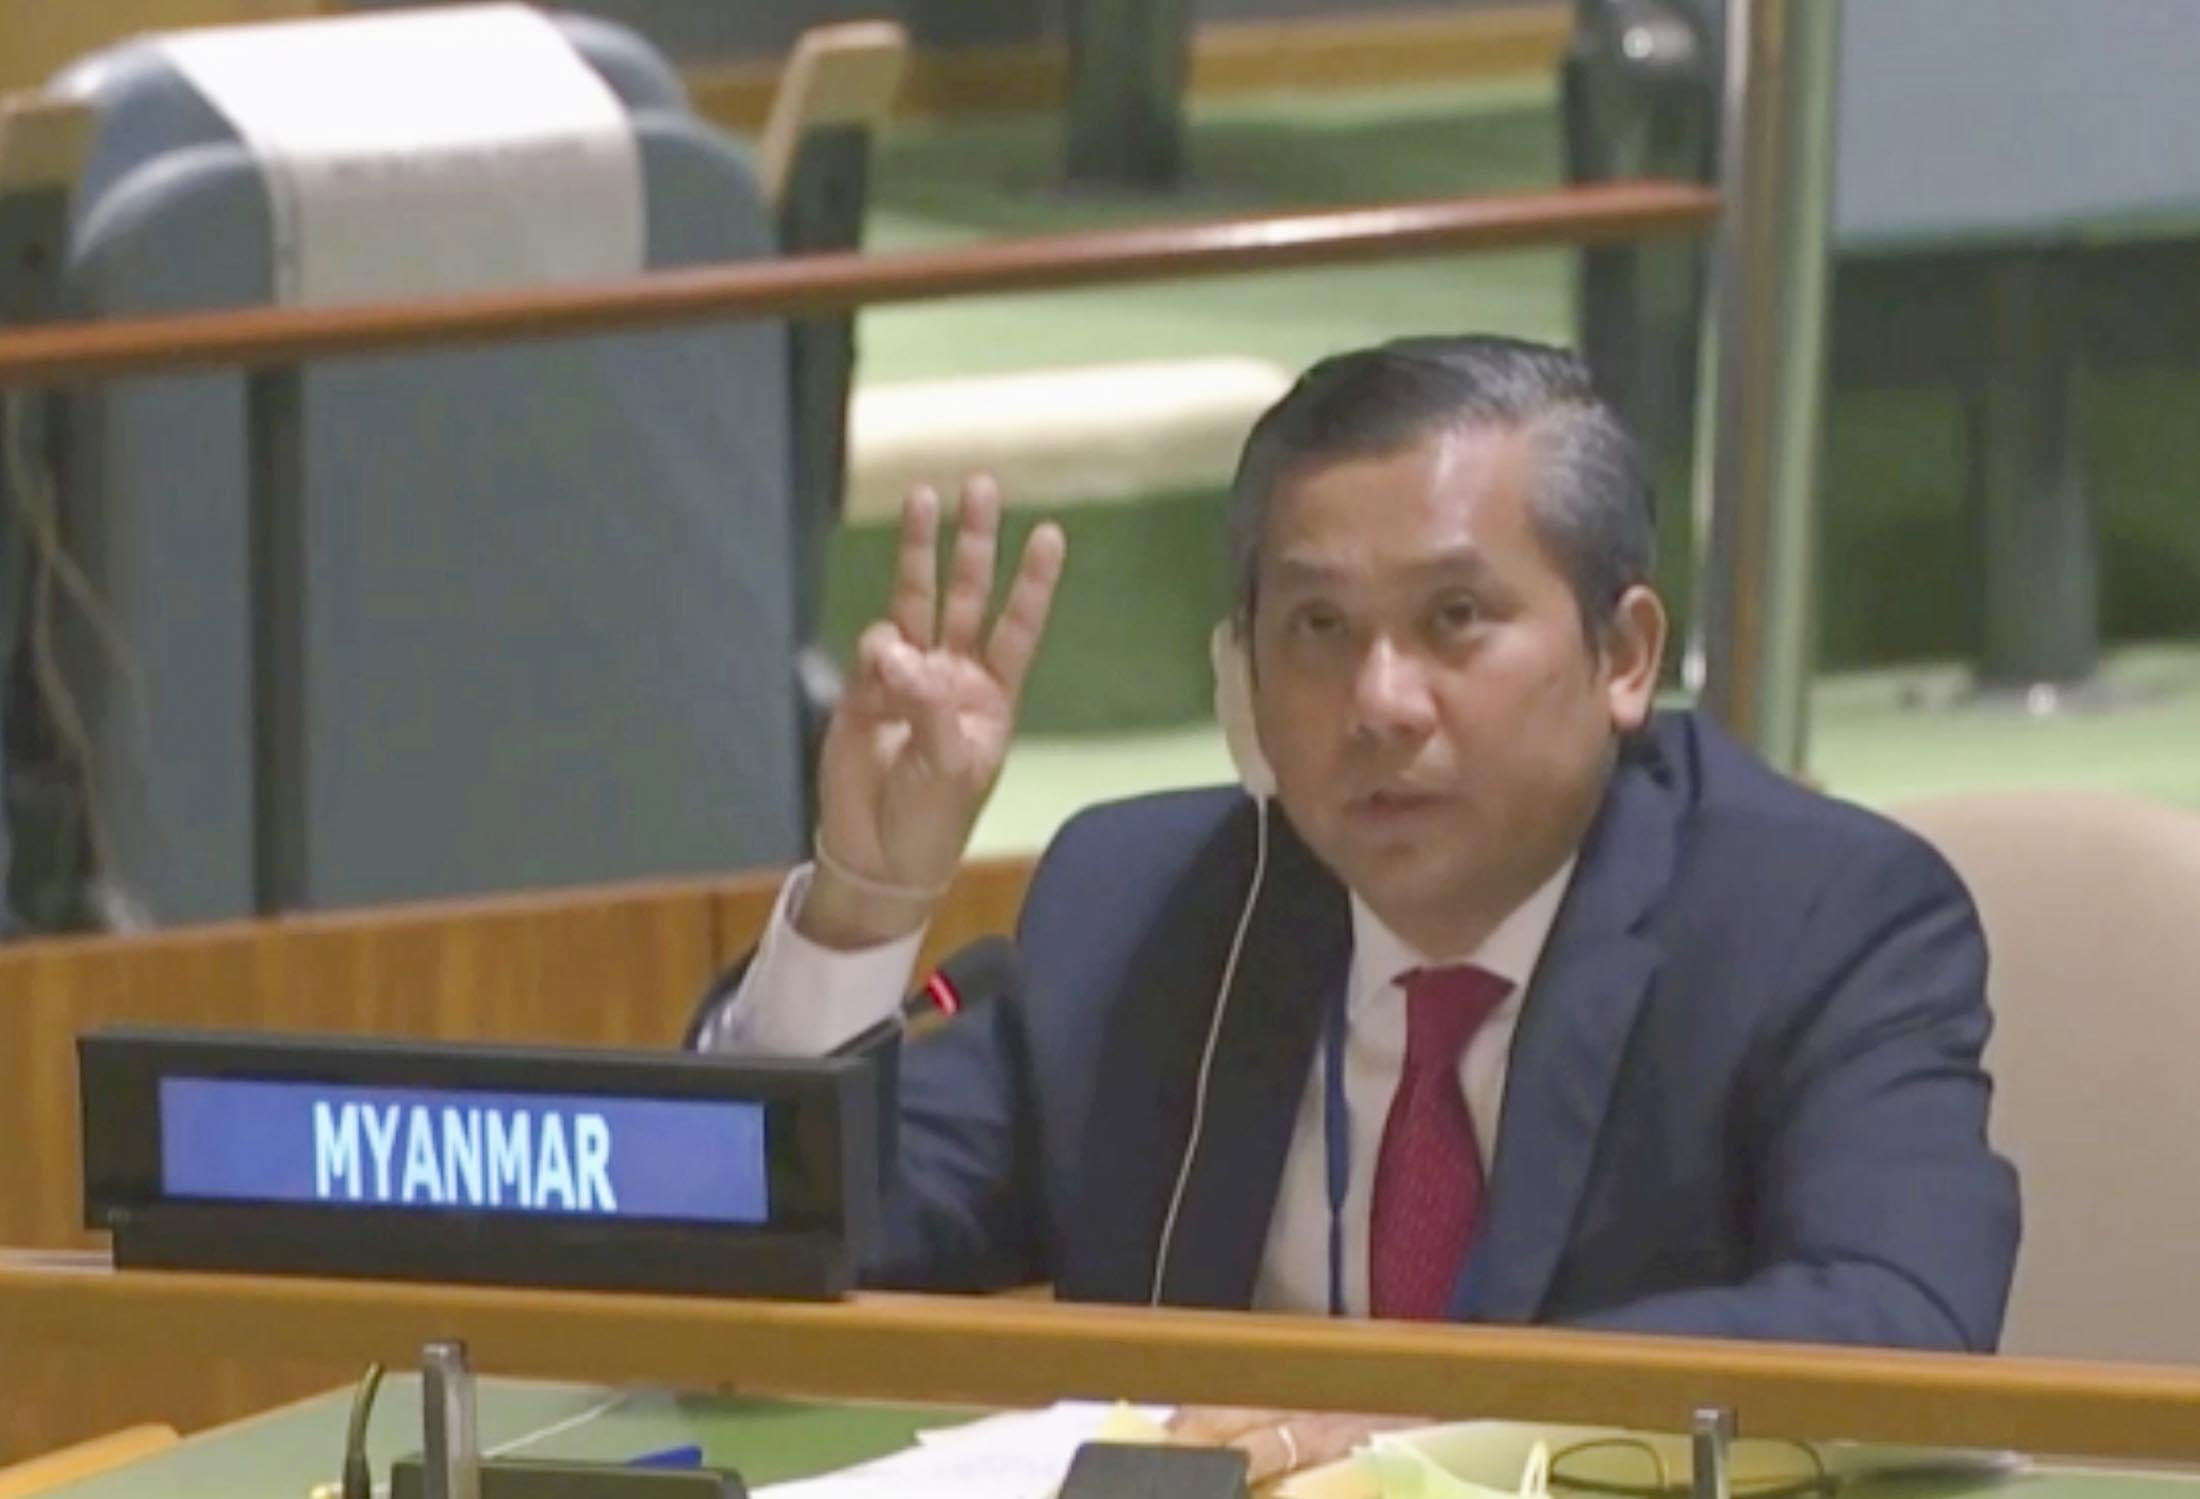 Myanmar's Violence Requires a Stronger Response, UN Envoy Urges